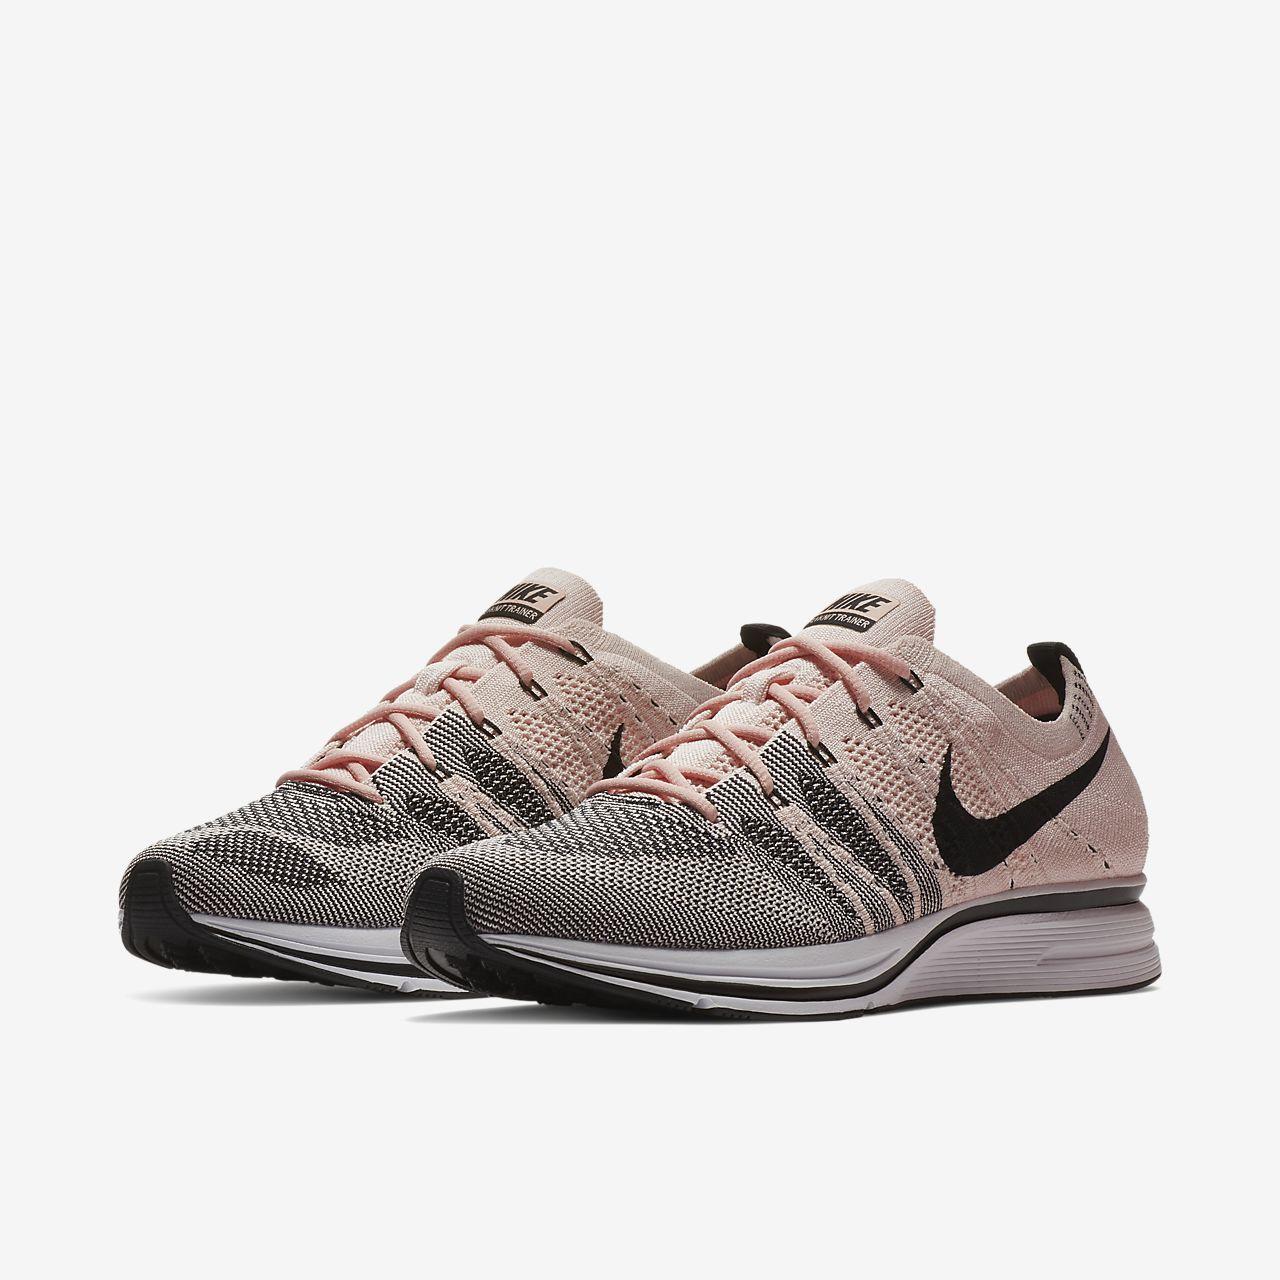 ad65c7a9c964 Acheter Des Collections Bon Marché Chaussure mixte Nike Flyknit Trainer -  Gris Nouvelle Marque Unisexe La